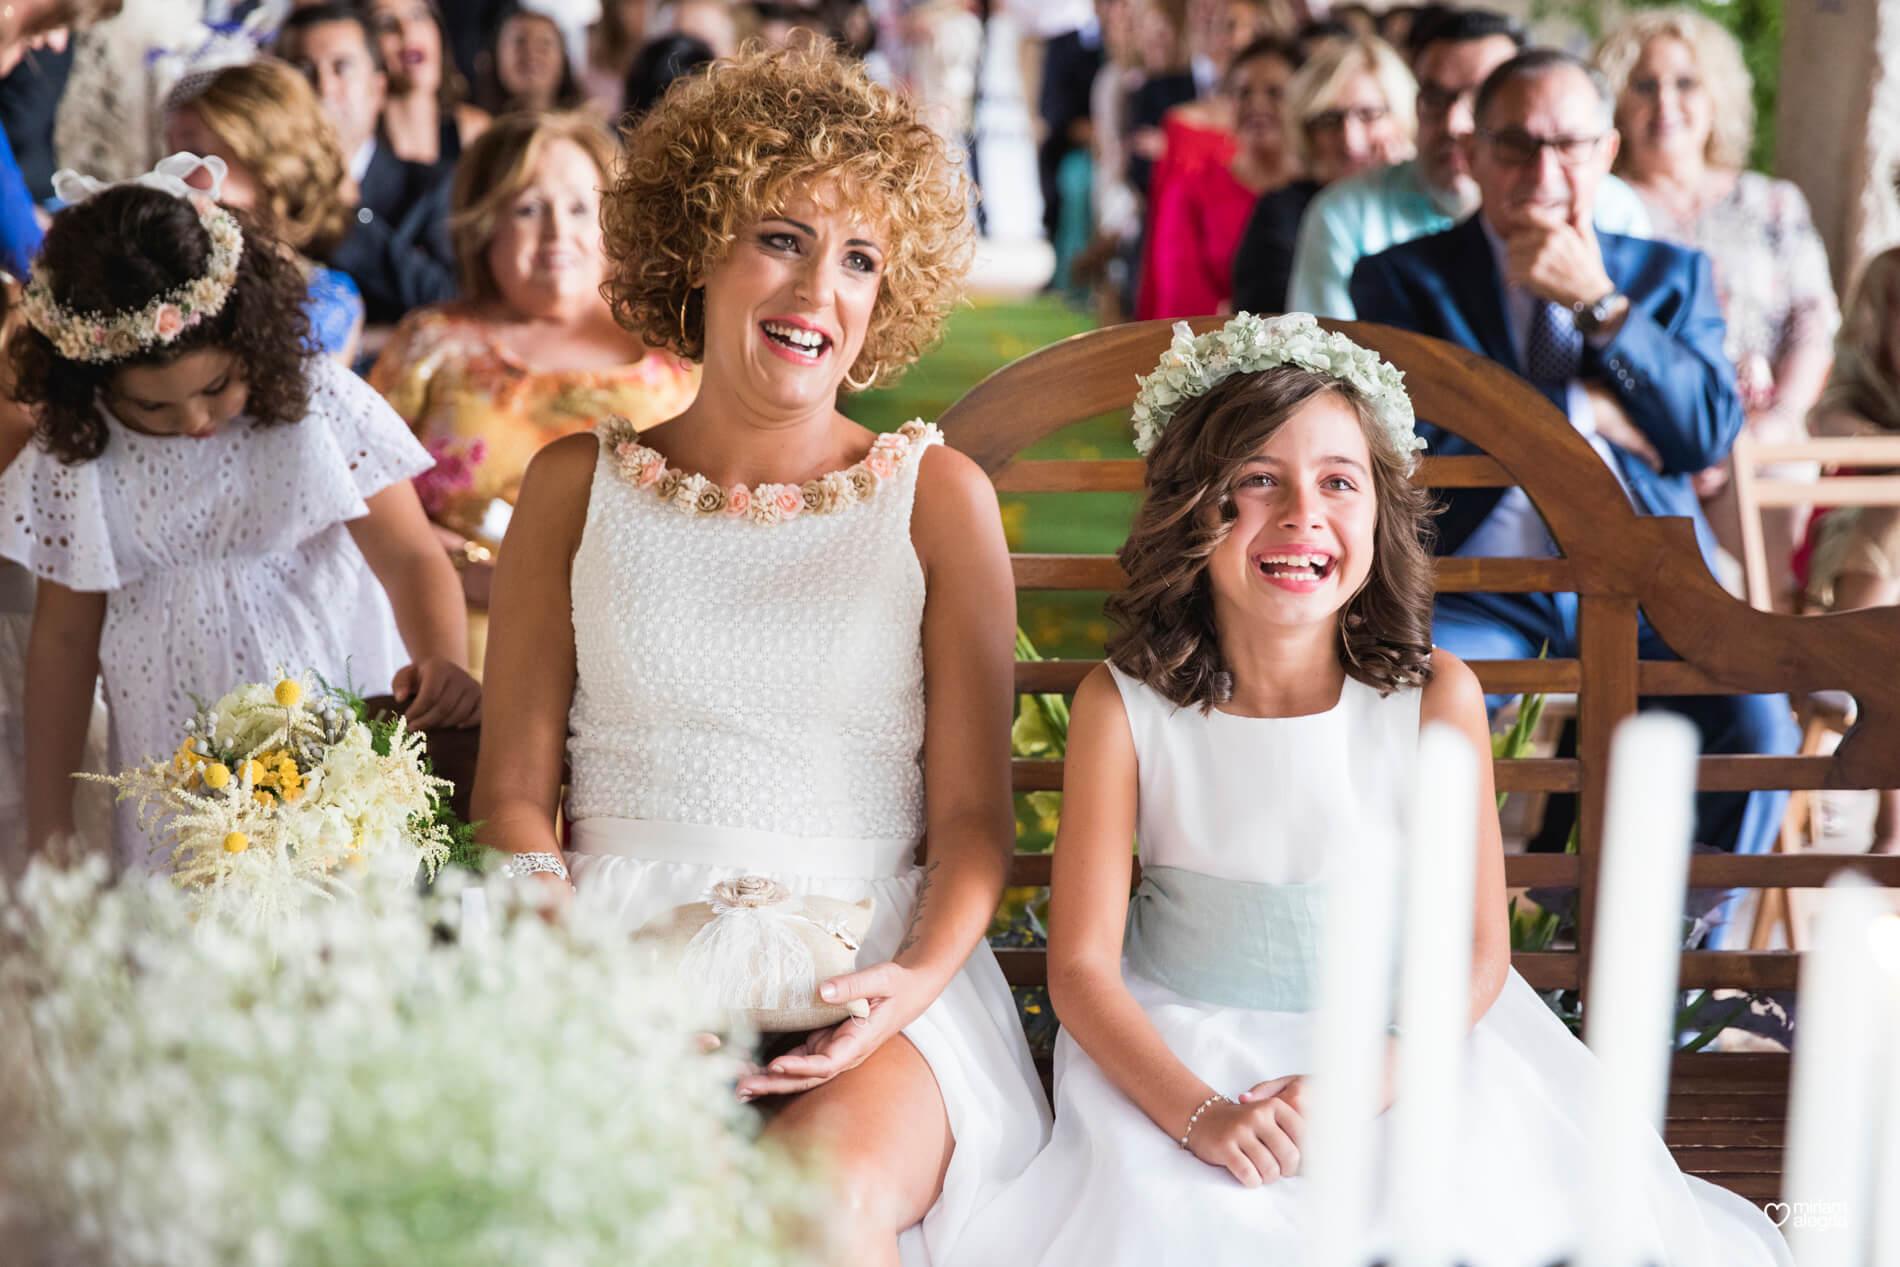 boda-en-finca-la-carrasca-miriam-alegria-69